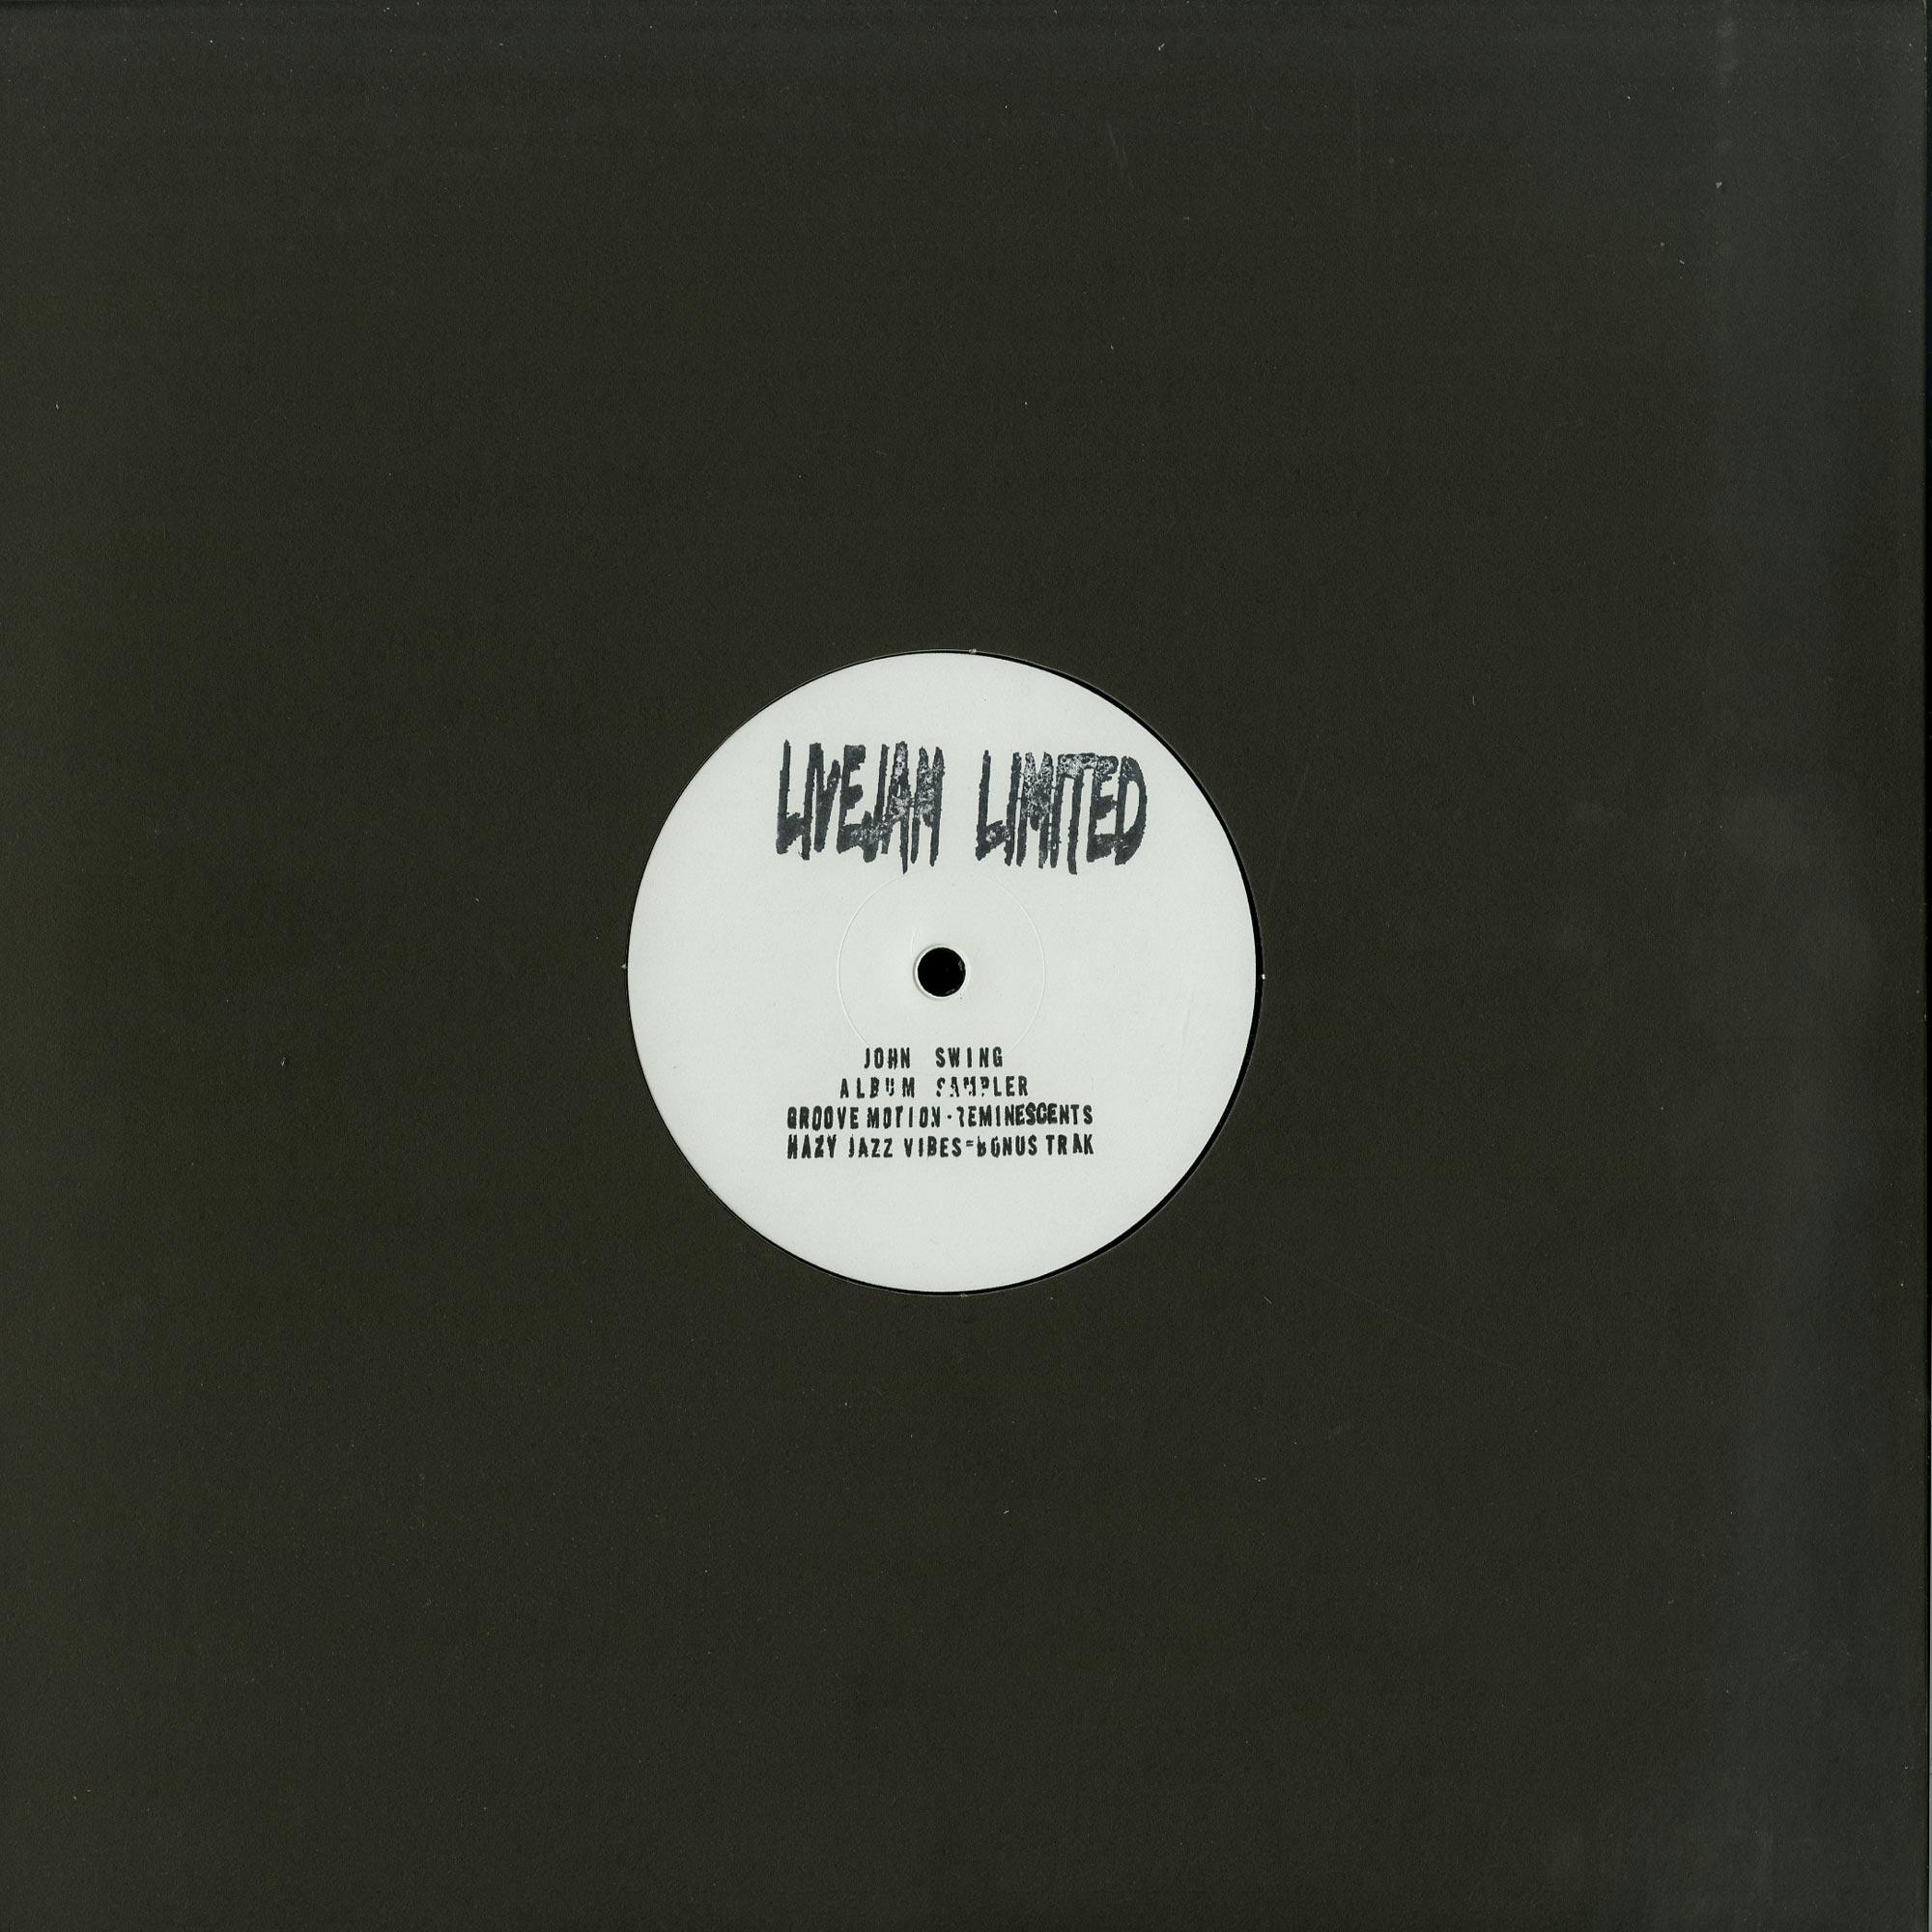 John Swing - Album Sampler